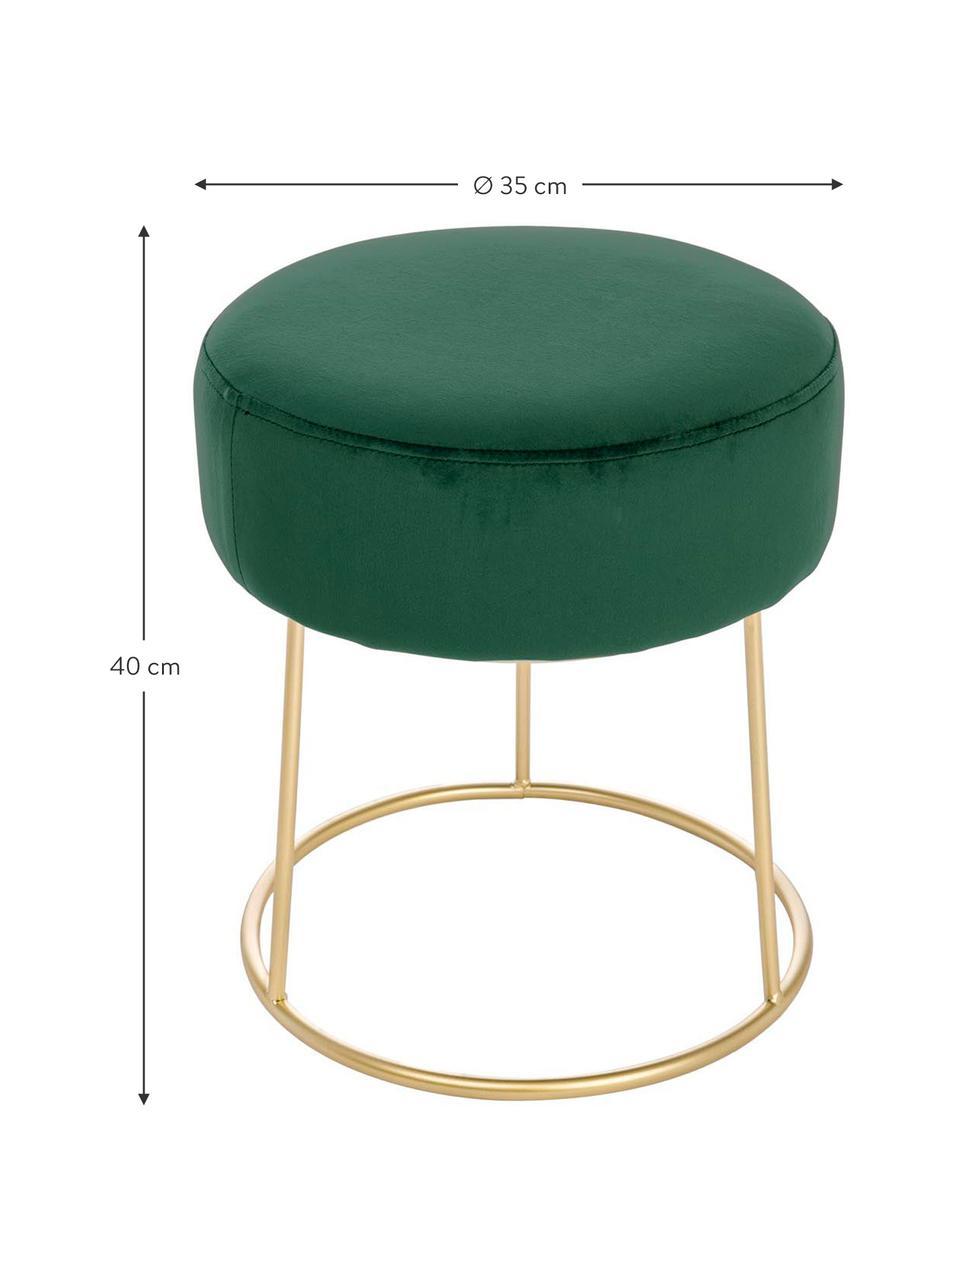 Sgabello rotondo in velluto Clarissa, Rivestimento: 100% velluto di poliester, Rivestimento: verde Base: dorato, Ø 35 x Alt. 40 cm